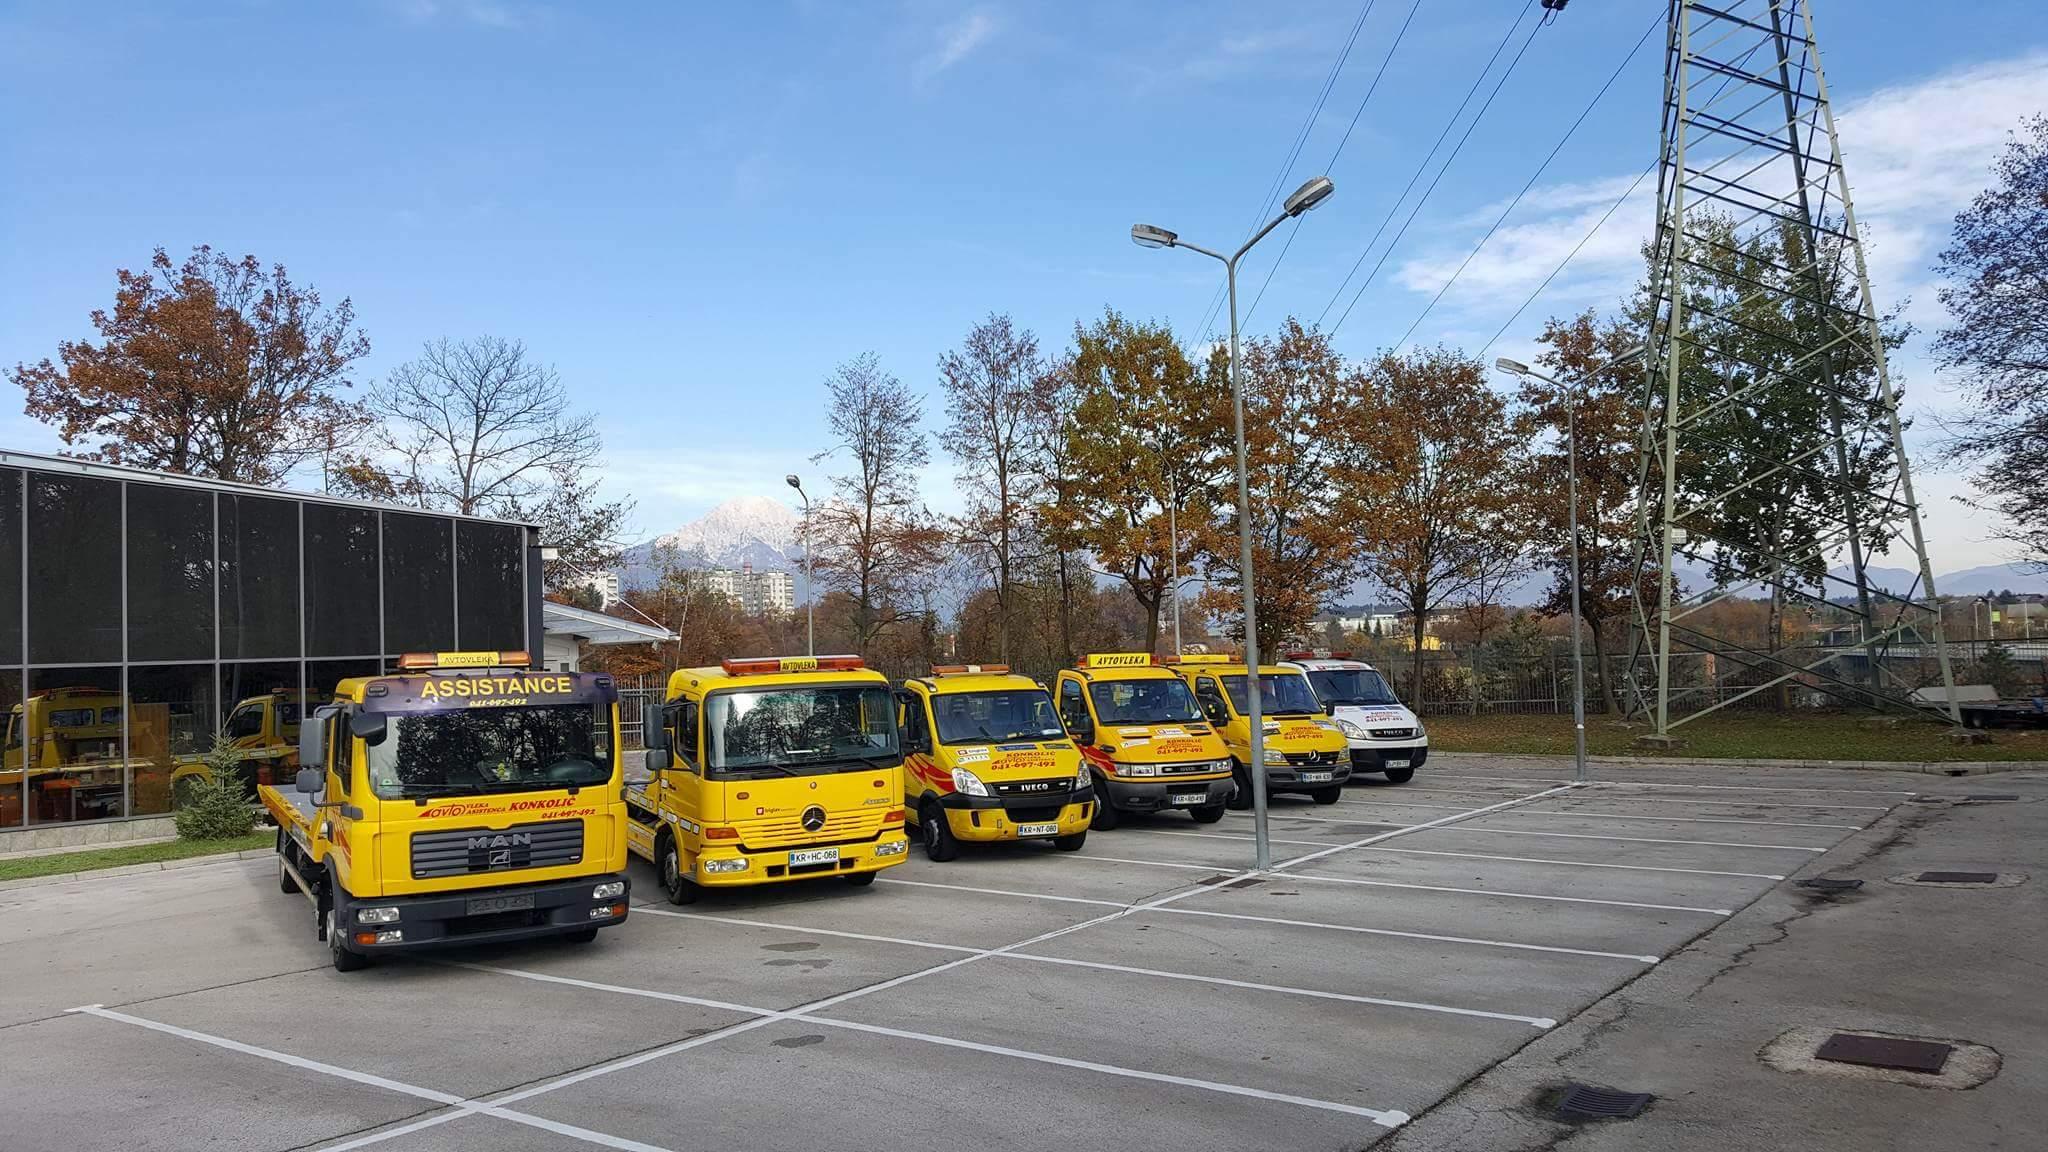 Avtovleka Kranj - Avtoasistenca Konkolič Kranj, Towing Service Kranj, Abschleppdienst Kranj received_10206014331232478